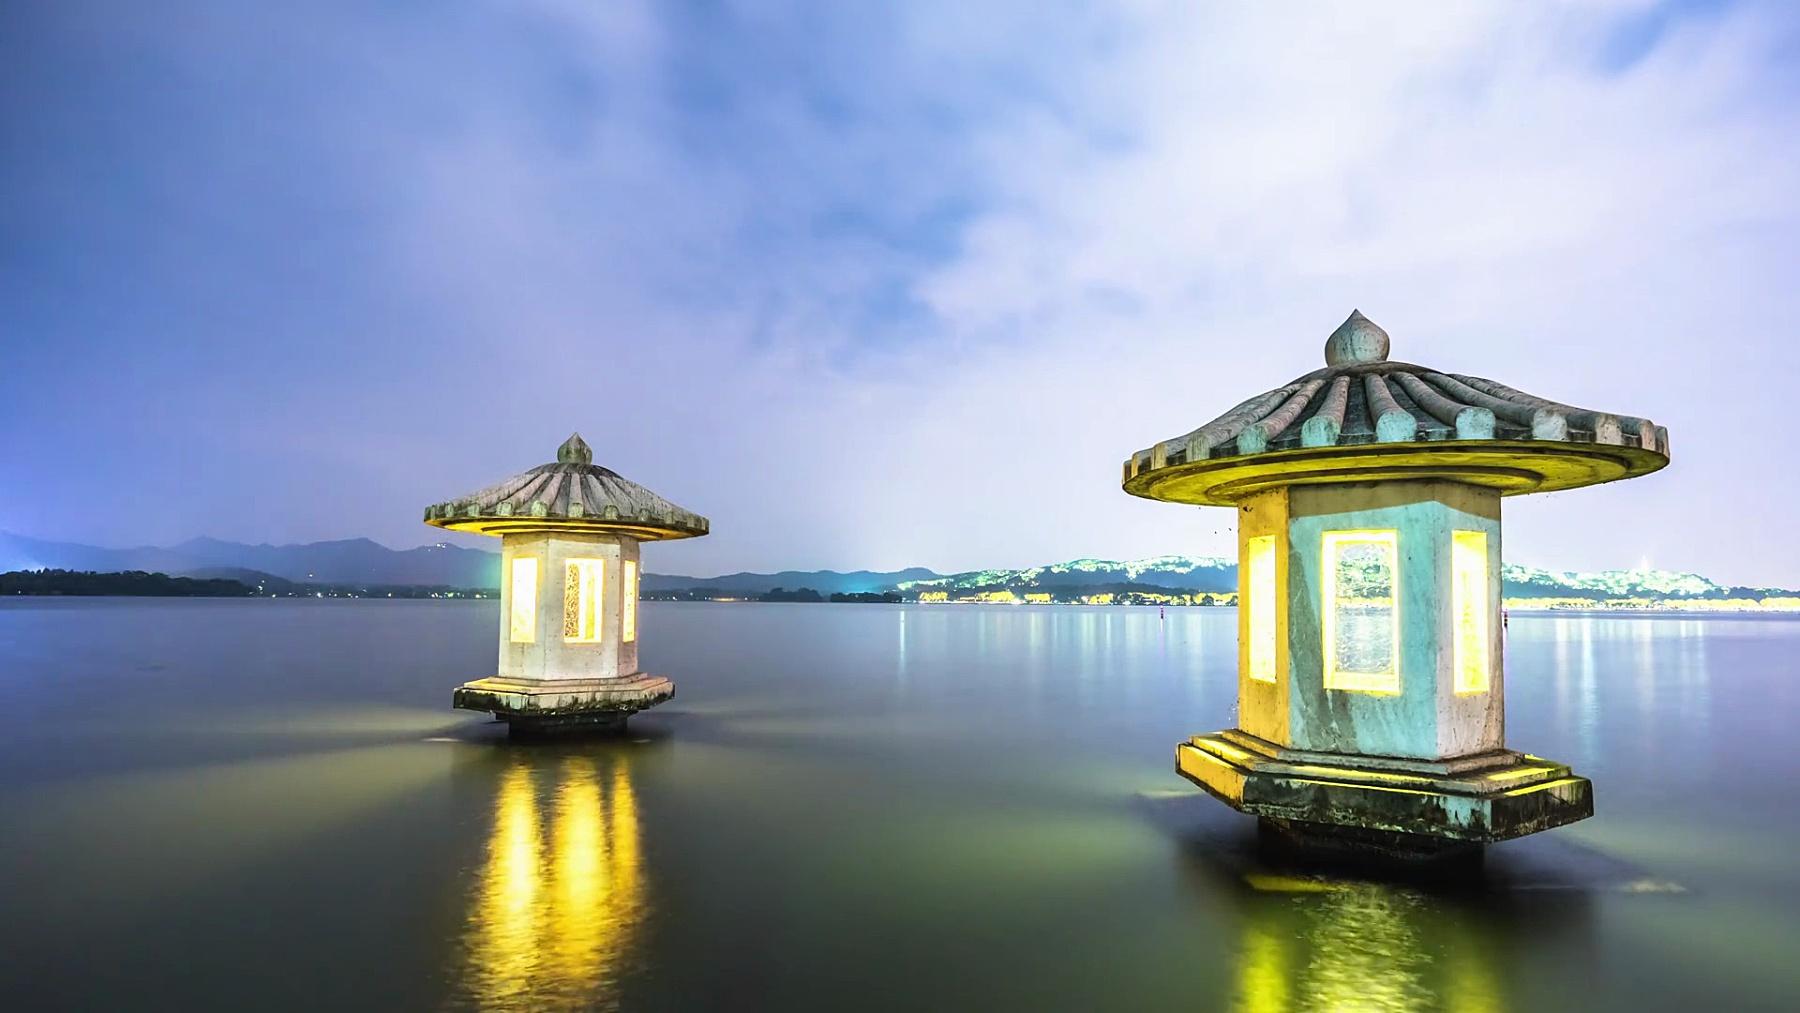 杭州西湖的塔楼。时间间隔